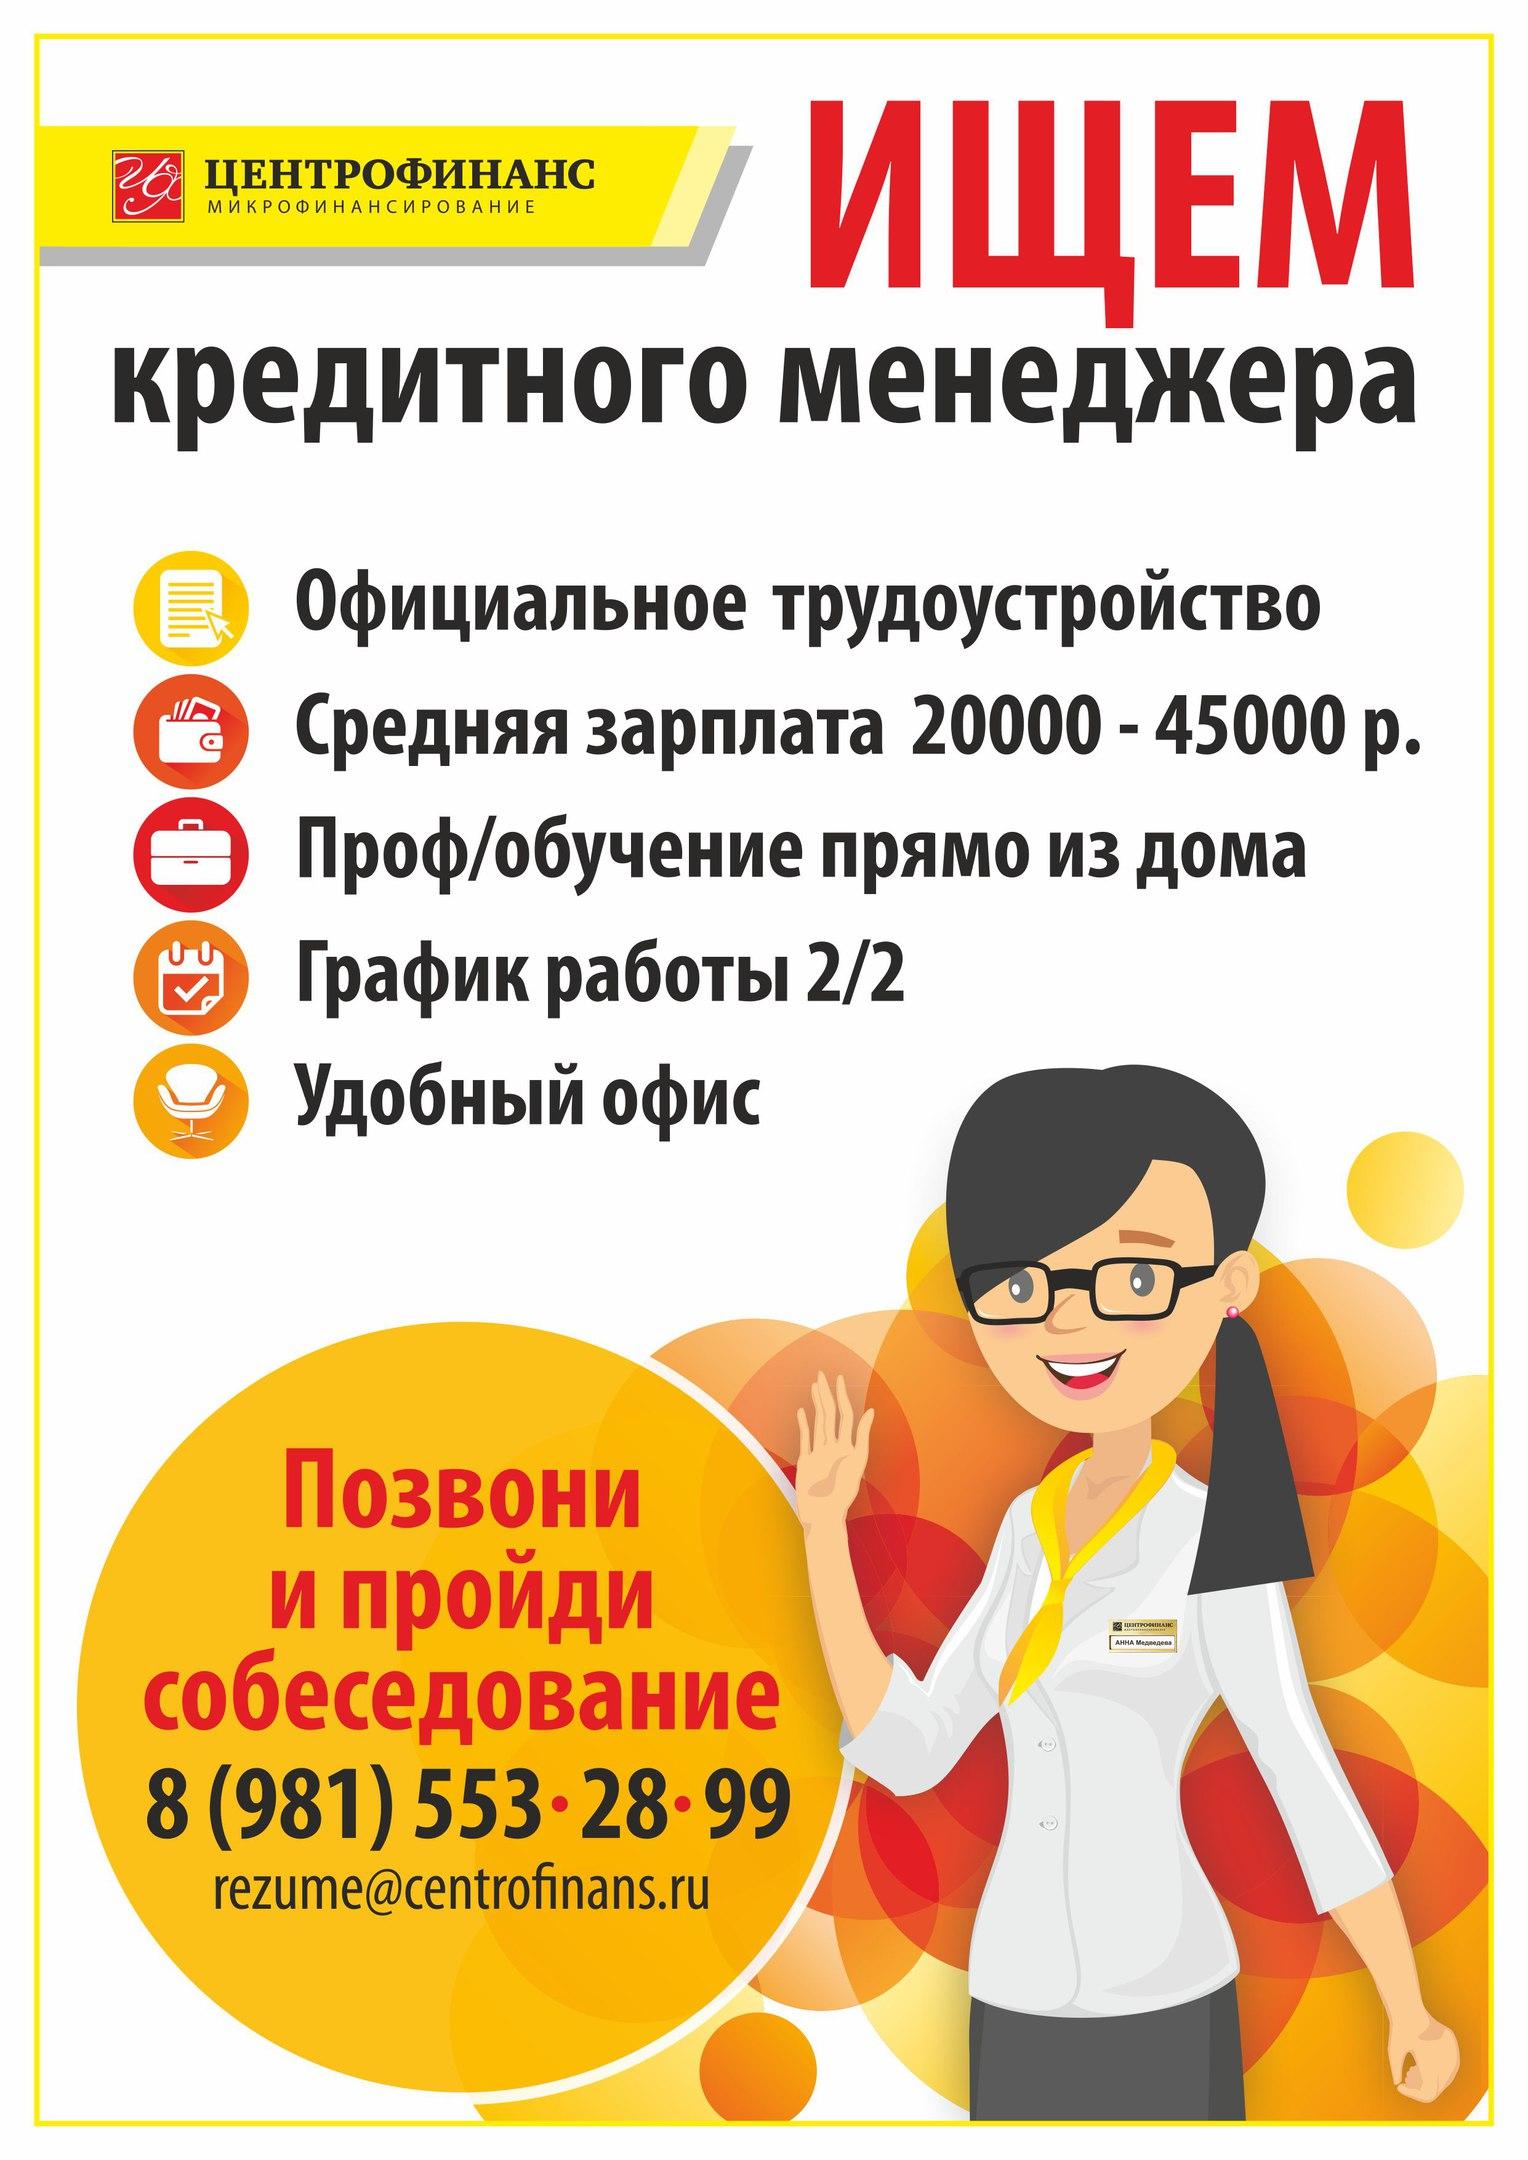 В связи с расширением сети,в федеральную компанию «Центрофинанс», занимающую лидирующие позиции на финансовом рынке РФ, требуется менеджер по работе с клиентами